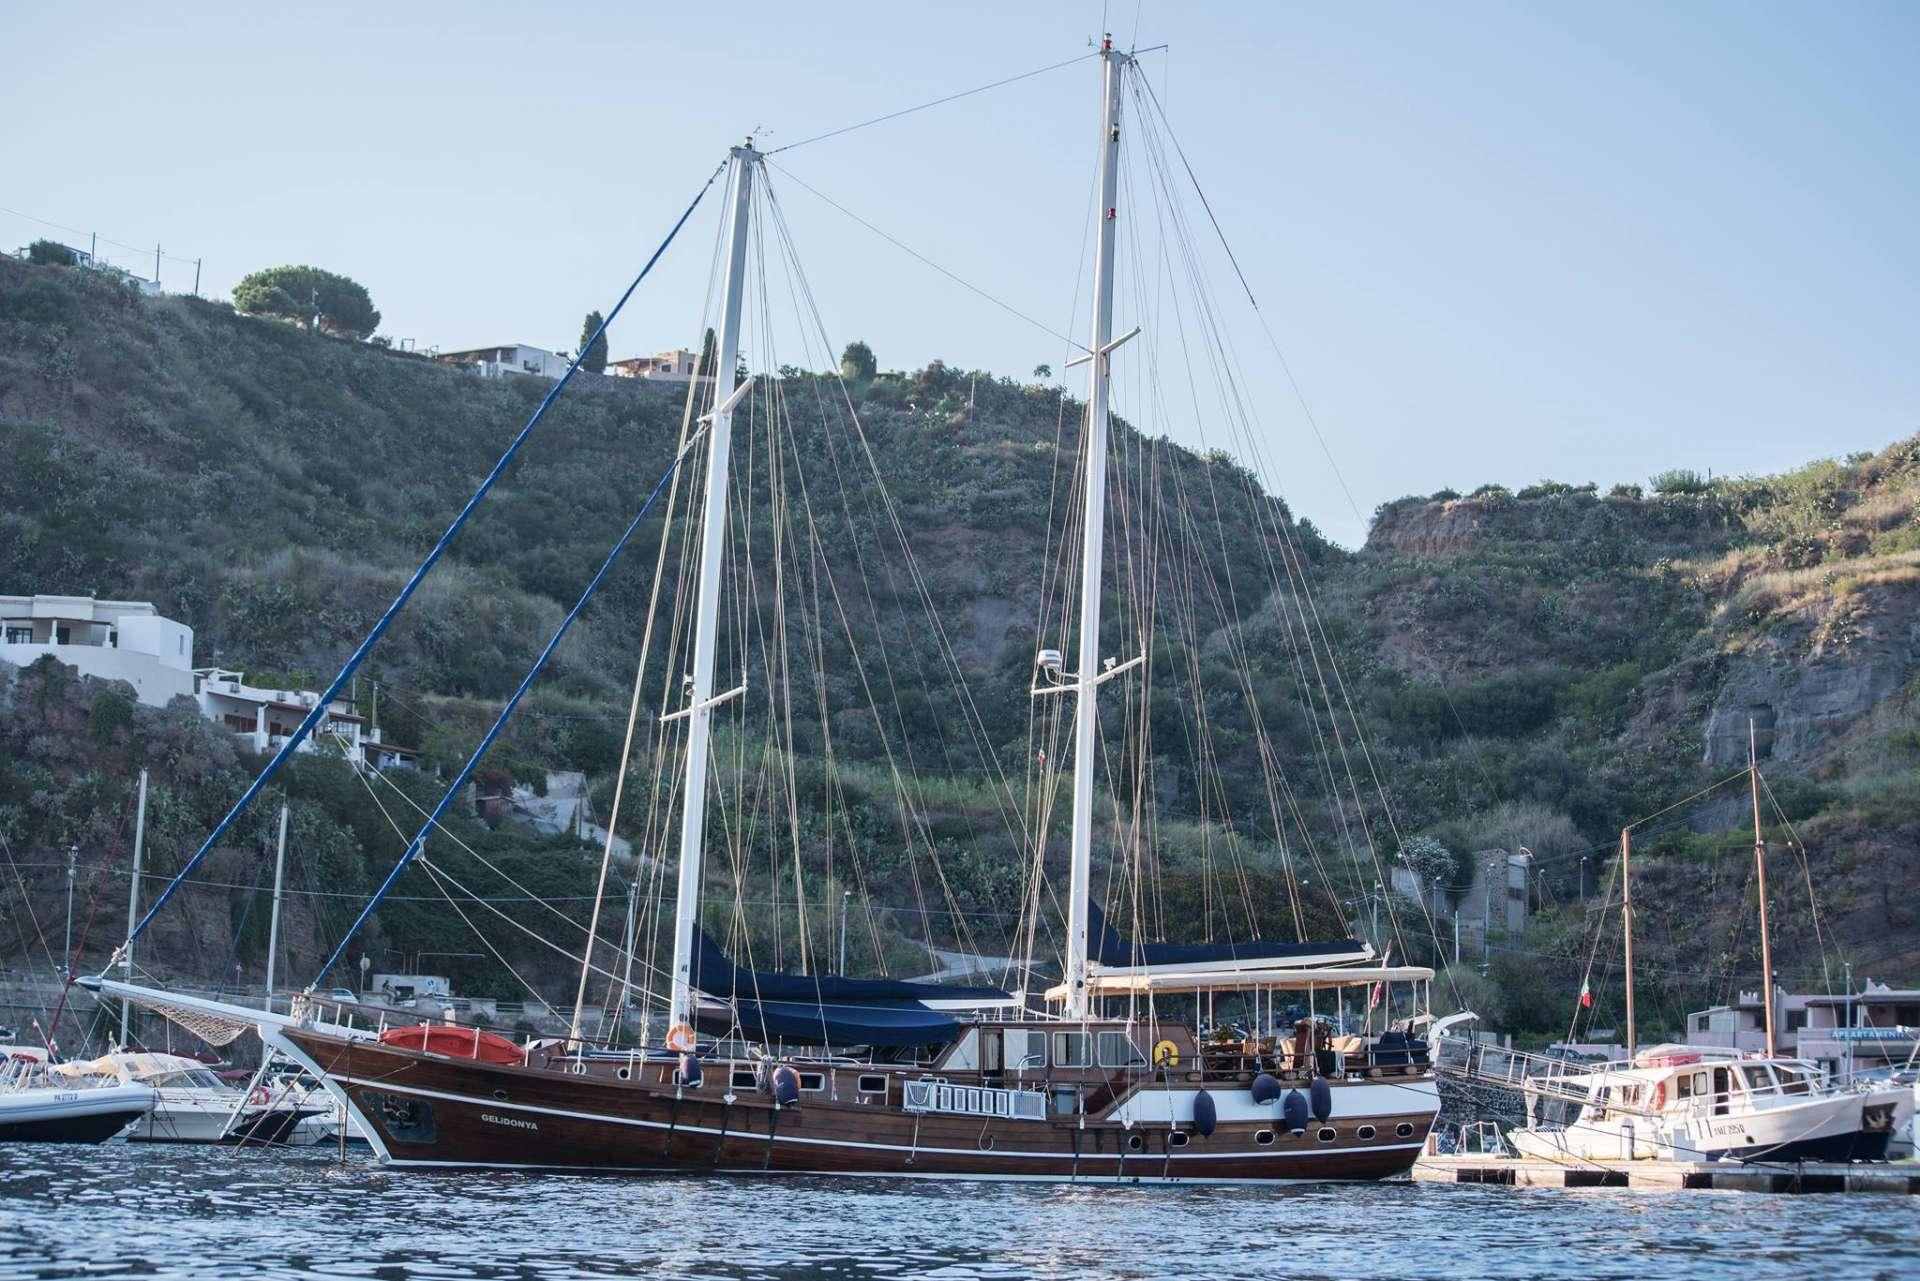 Sailing Yacht Gelidonya II